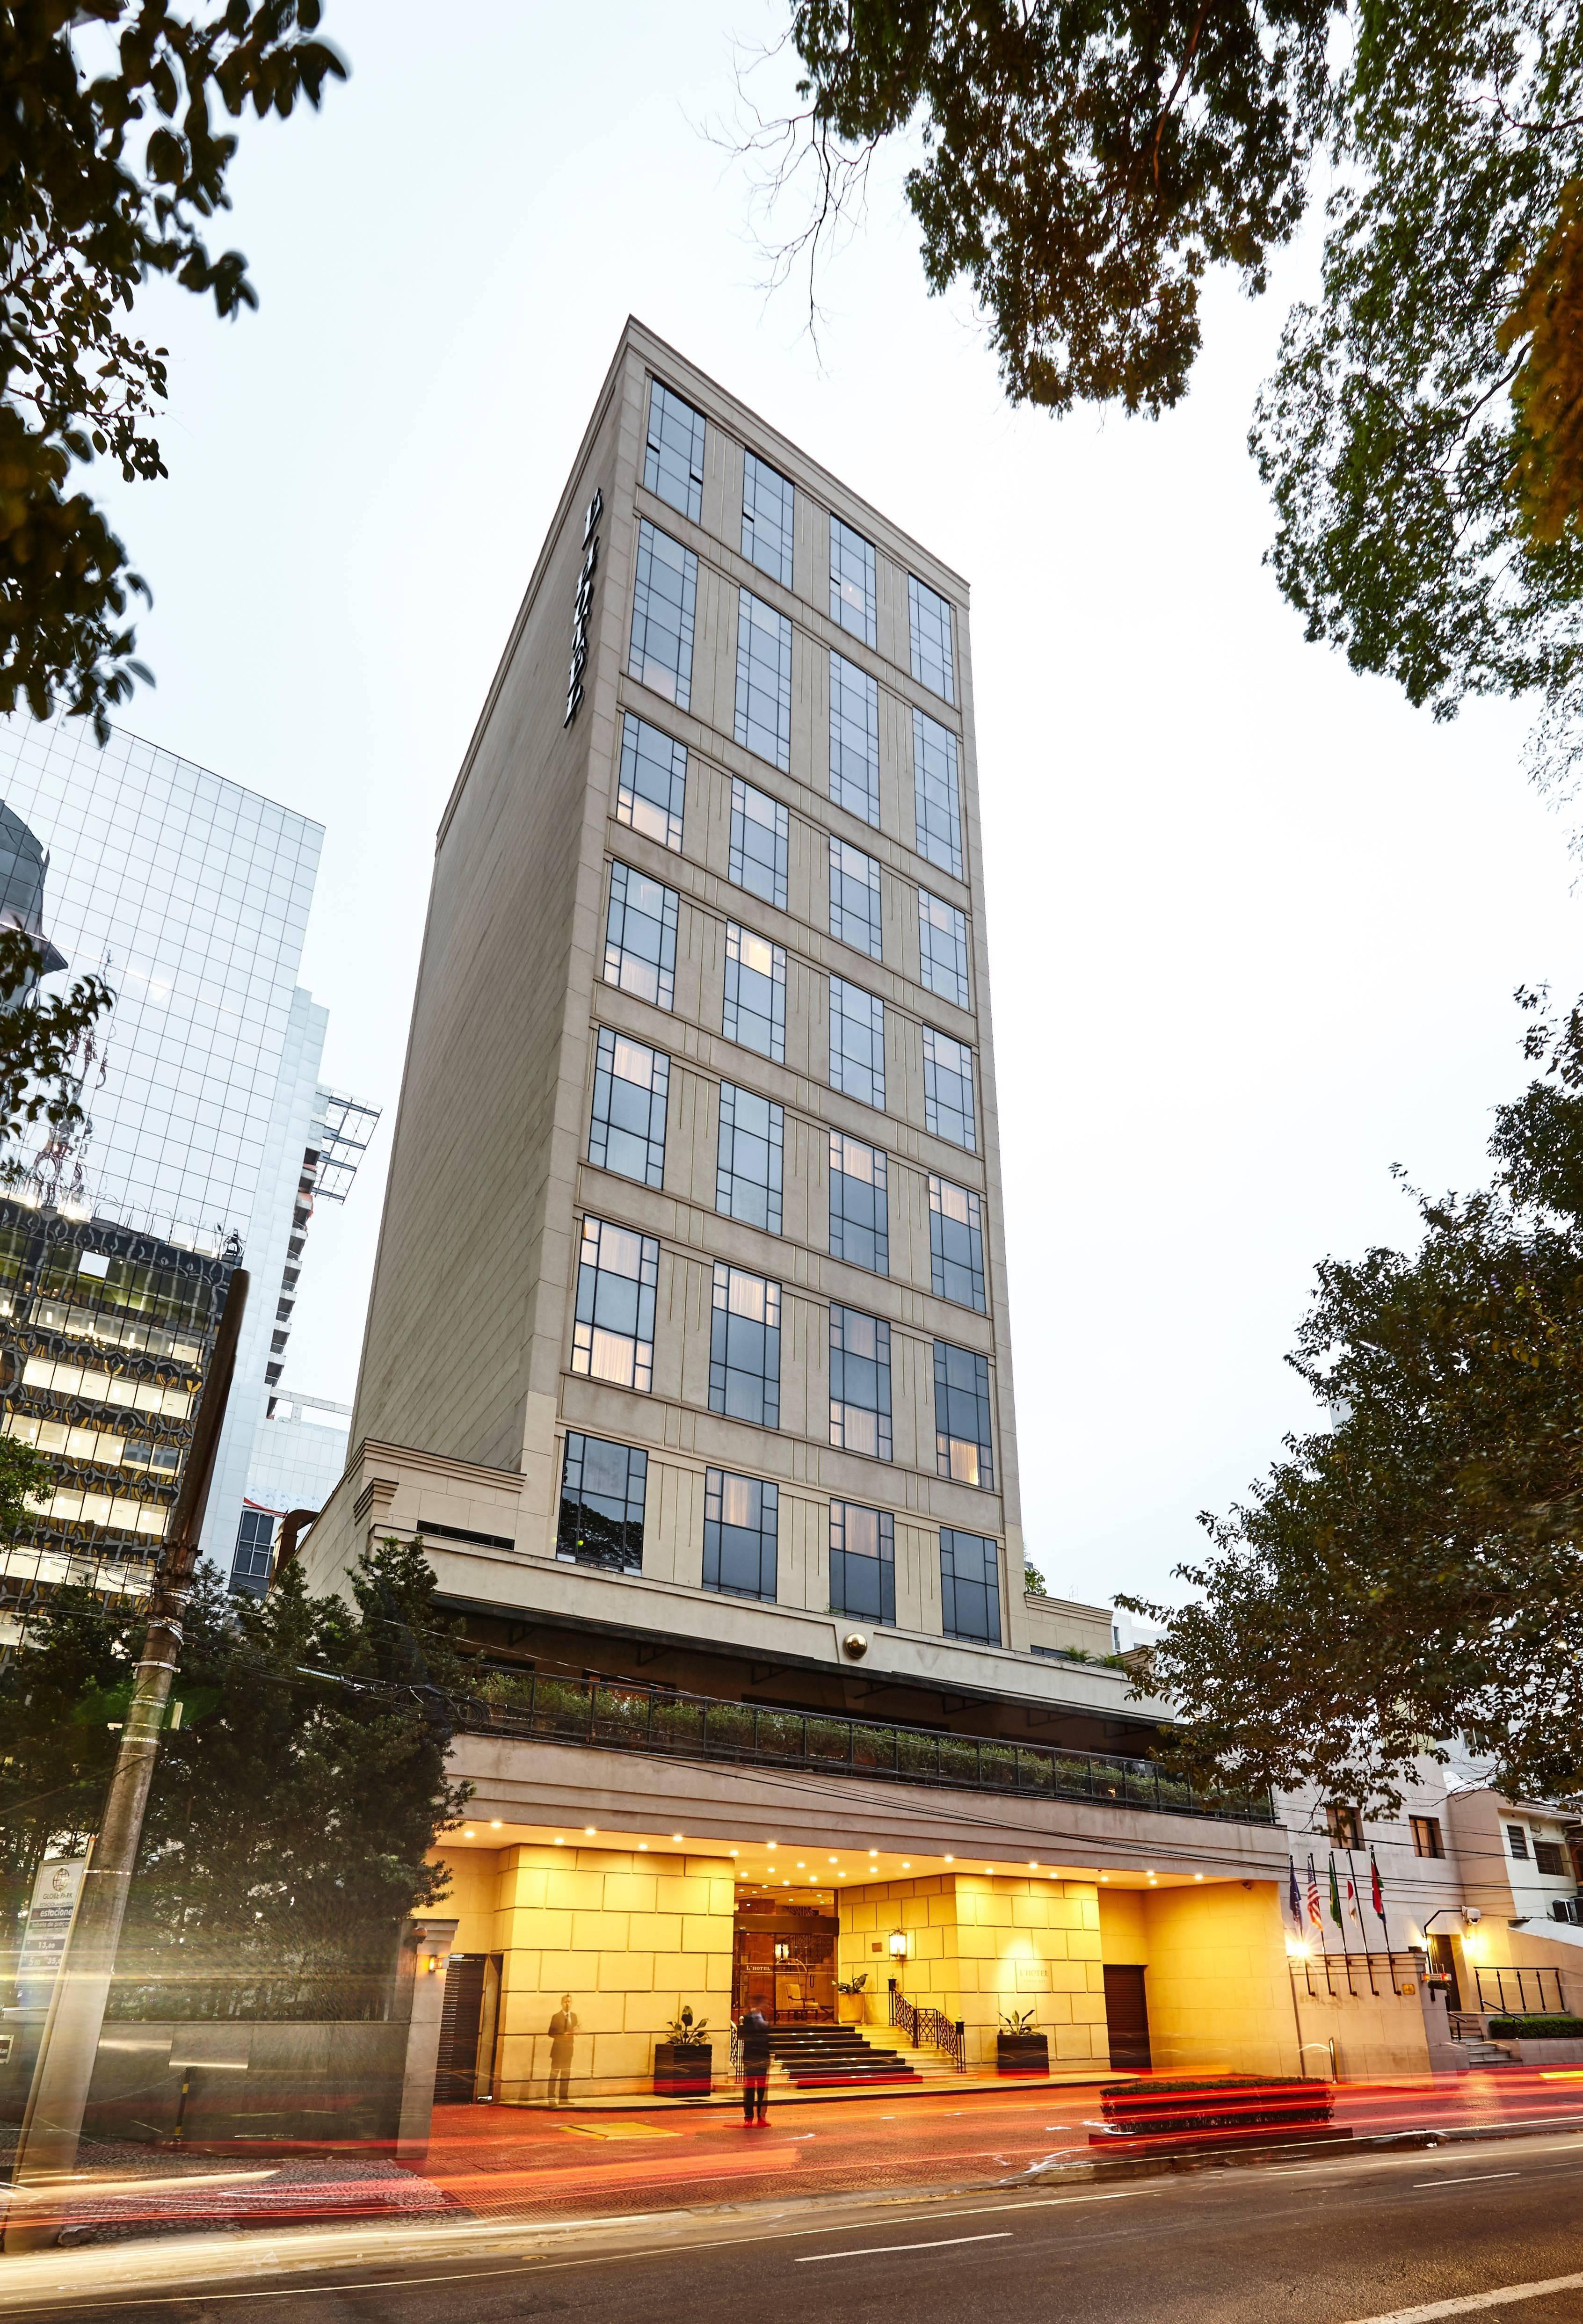 Flug Und Hotel Sao Paulo